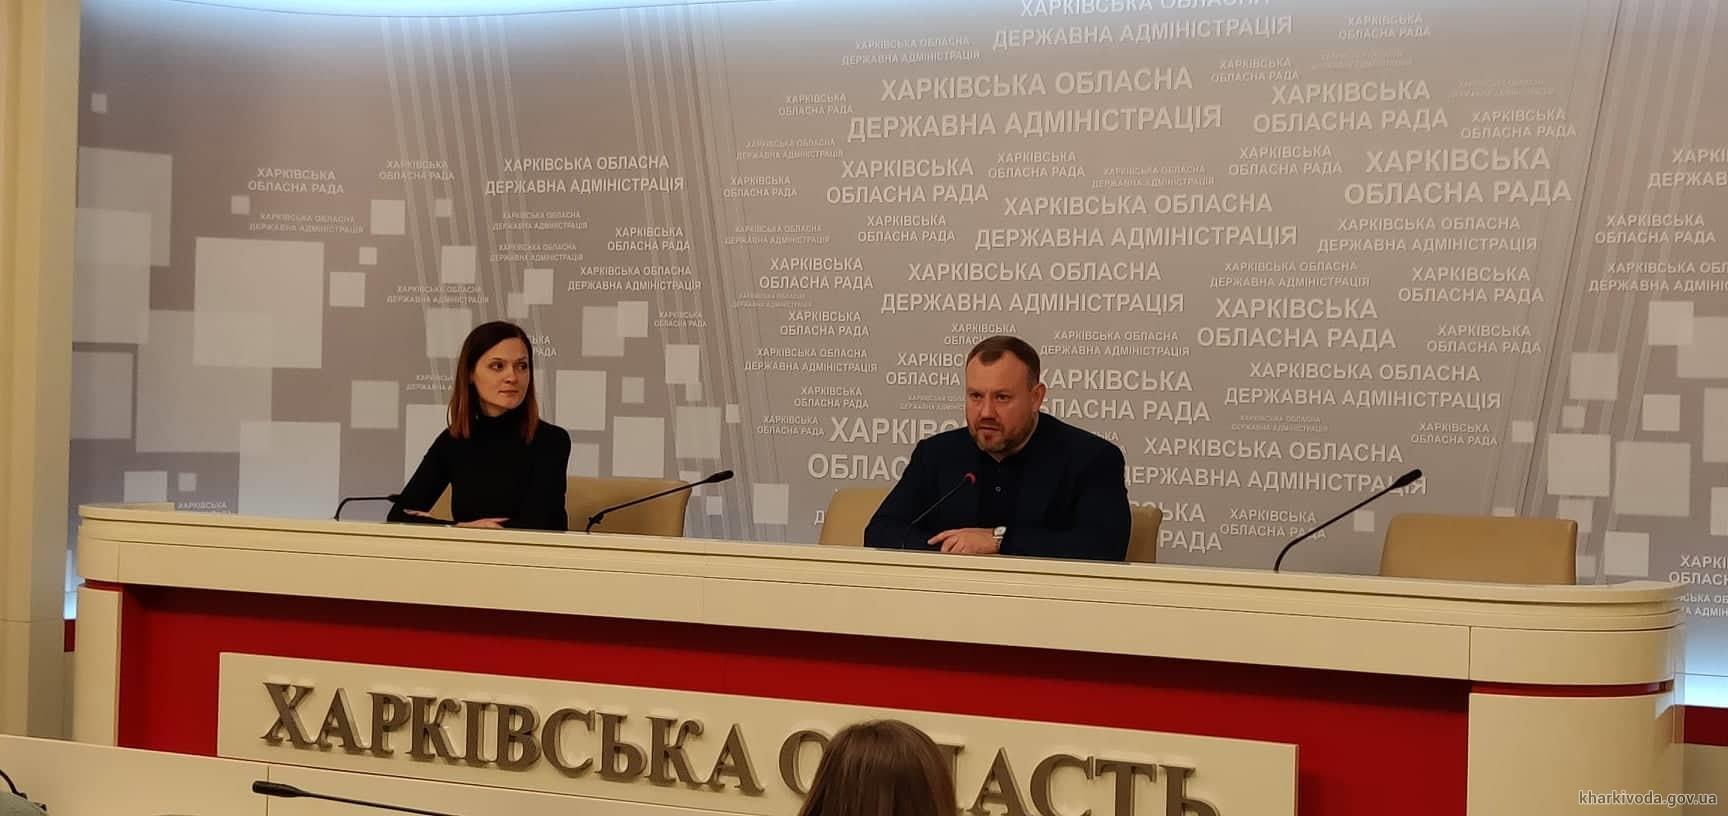 На Харьковщине будет введена бесплатная диагностика по направлению семейного врача